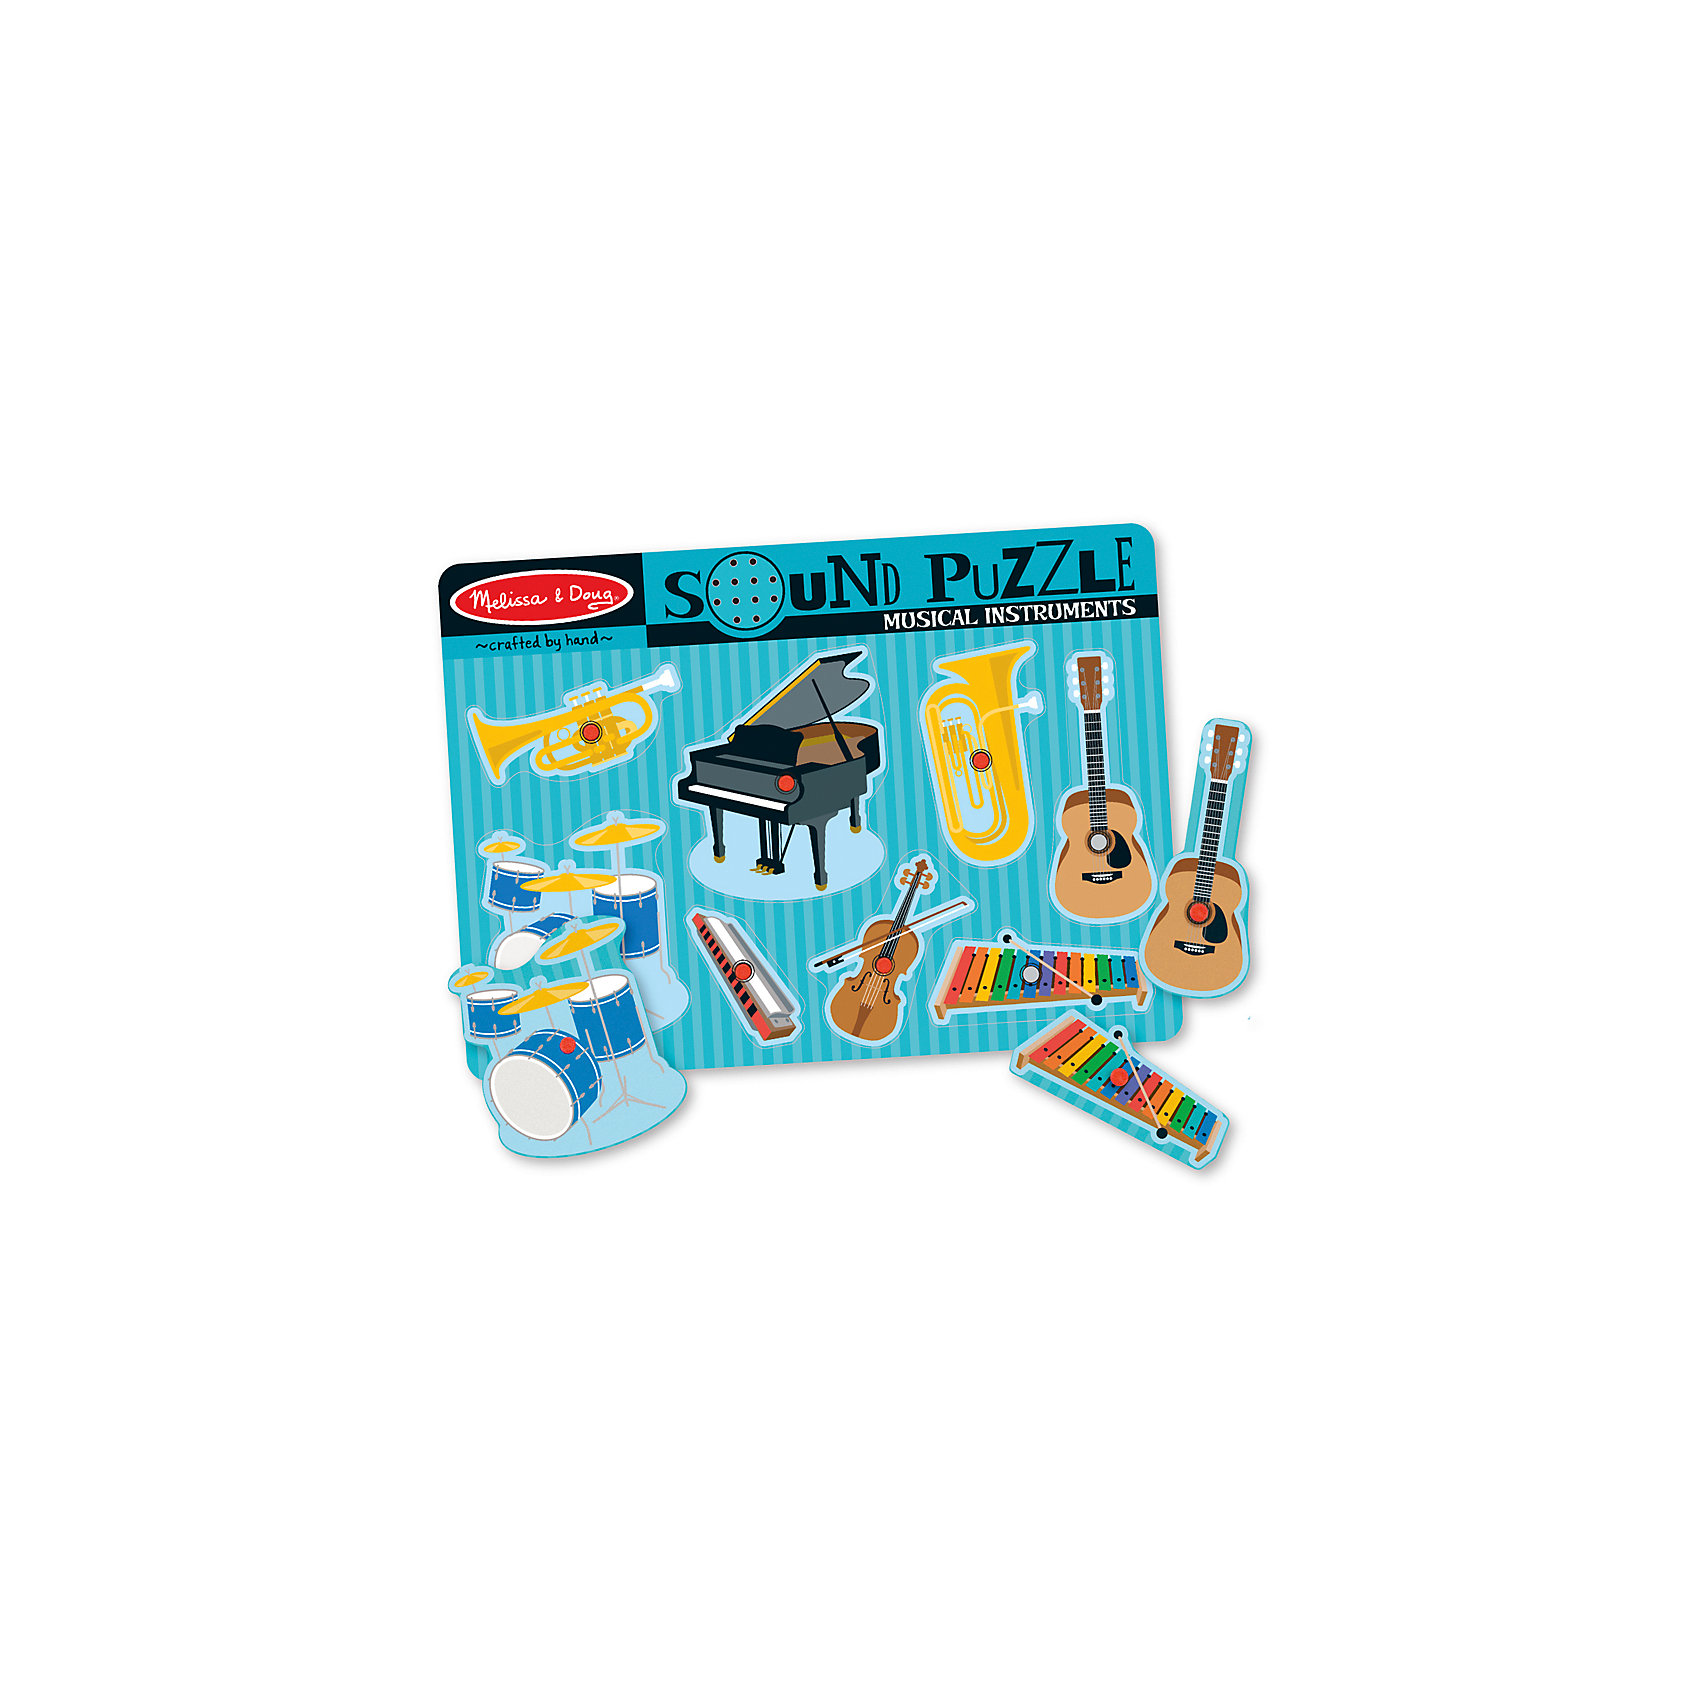 Рамка-вкладыш со звуком Музыкальные инструменты, 8 деталей, Melissa &amp; DougДеревянные игры и пазлы<br>Пазл со звуком Музыкальные инструменты, 8 деталей, Melissa &amp; Doug (Мелисса и Даг) –  это уникальный познавательный пазл для вашего малыша.<br>Восемь инструментов ждут начинающего дирижера. Поместите часть в виде инструмента в соответствующую форму на игровой доске и услышите, как он играет. В центре каждой картинки есть пластиковая ручка, за которую элемент пазла удобно держать и вставлять в подходящее для него место. Каждый элемент пазла представляет собой красочное изображение музыкального инструмента. С этим замечательным набором у Вашего ребенка будет развиваться мышление, внимательность и музыкальный слух.<br><br>Дополнительная информация:<br><br>- Количество элементов: 8<br>- Батарейки: 2 тип ААА (в набор не входят)<br>- Материал: дерево<br>- Размер: 30х22х2,5 см.<br><br>Пазл со звуком Музыкальные инструменты, 8 деталей, Melissa &amp; Doug (Мелисса и Даг) можно купить в нашем интернет-магазине.<br><br>Ширина мм: 100<br>Глубина мм: 300<br>Высота мм: 220<br>Вес г: 543<br>Возраст от месяцев: 24<br>Возраст до месяцев: 48<br>Пол: Унисекс<br>Возраст: Детский<br>Количество деталей: 8<br>SKU: 4005816